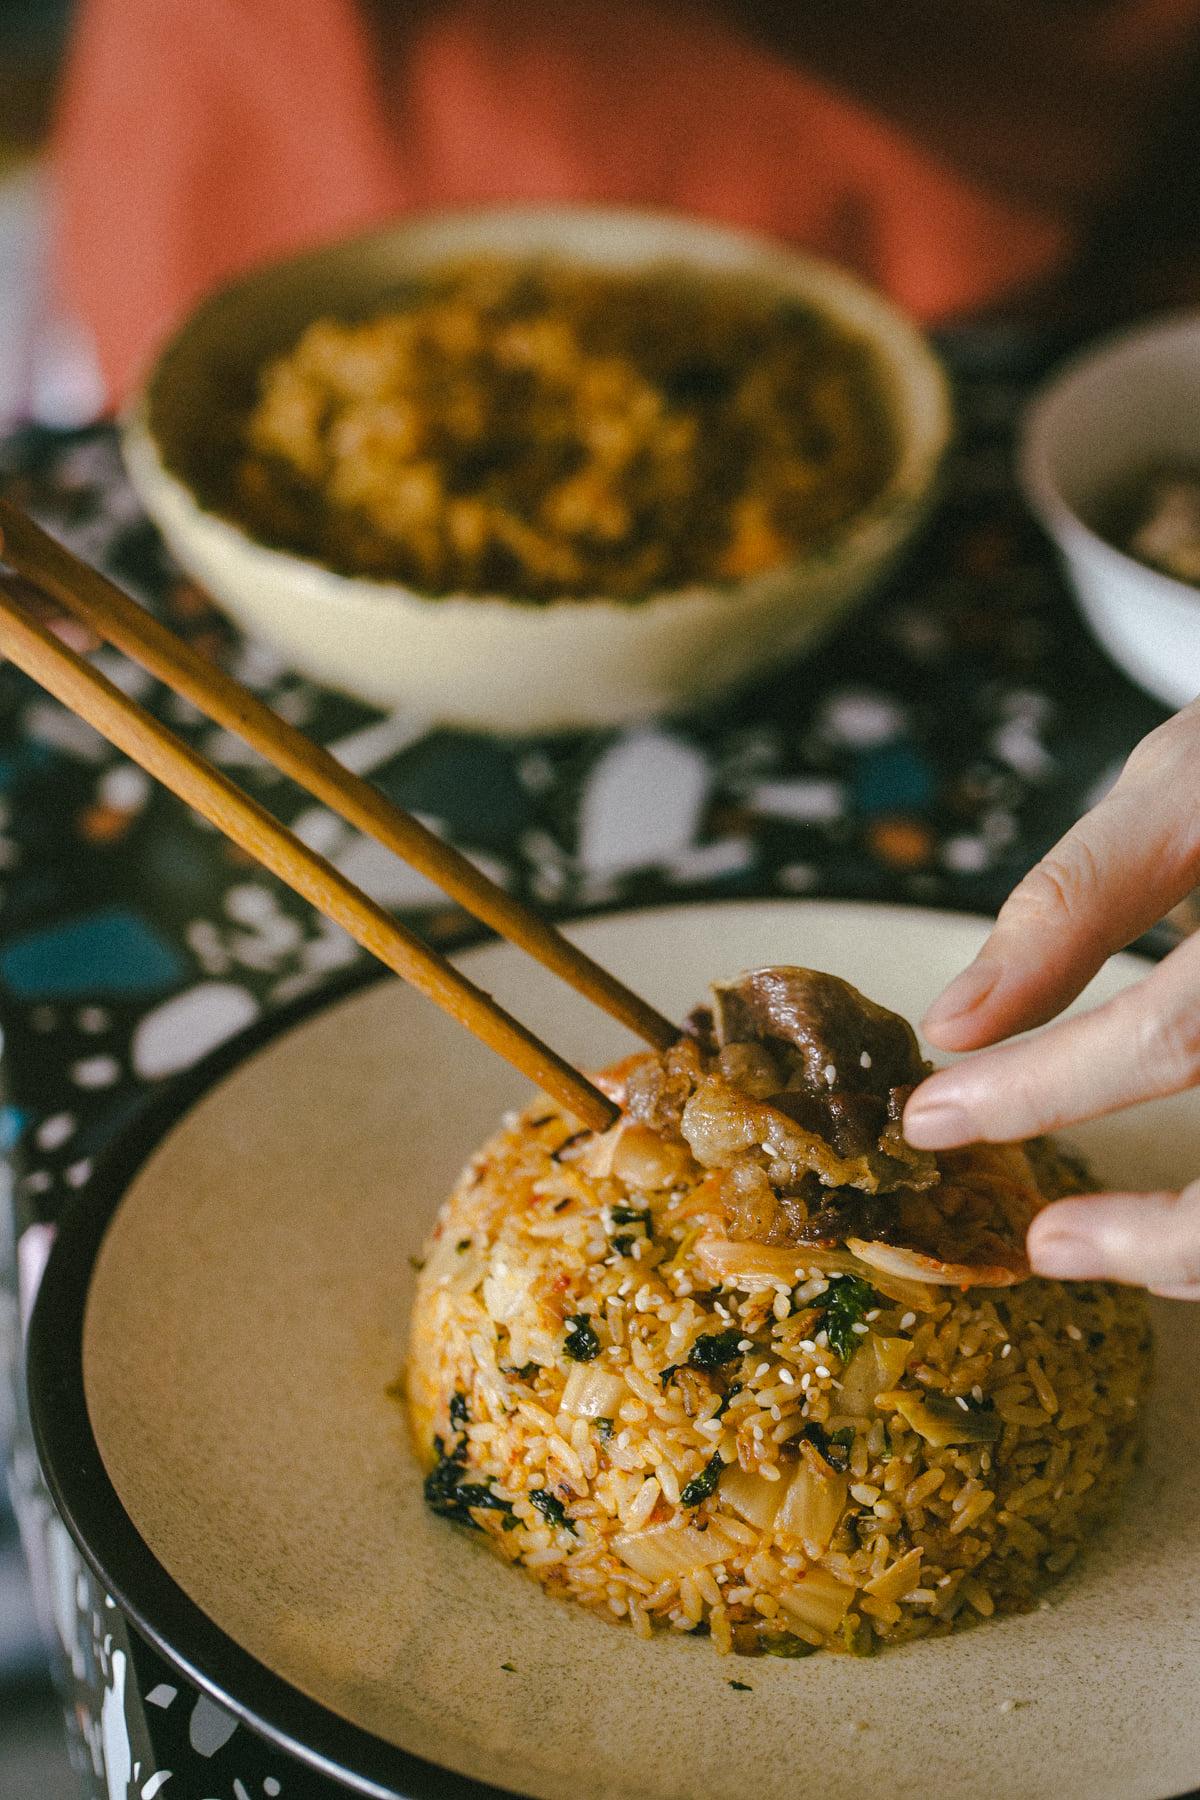 Fan mê mẩn ẩm thực Hàn Quốc thì phải ghé qua, làm và thưởng thức cơm rang kim chi nhanh thôi - Ảnh 5